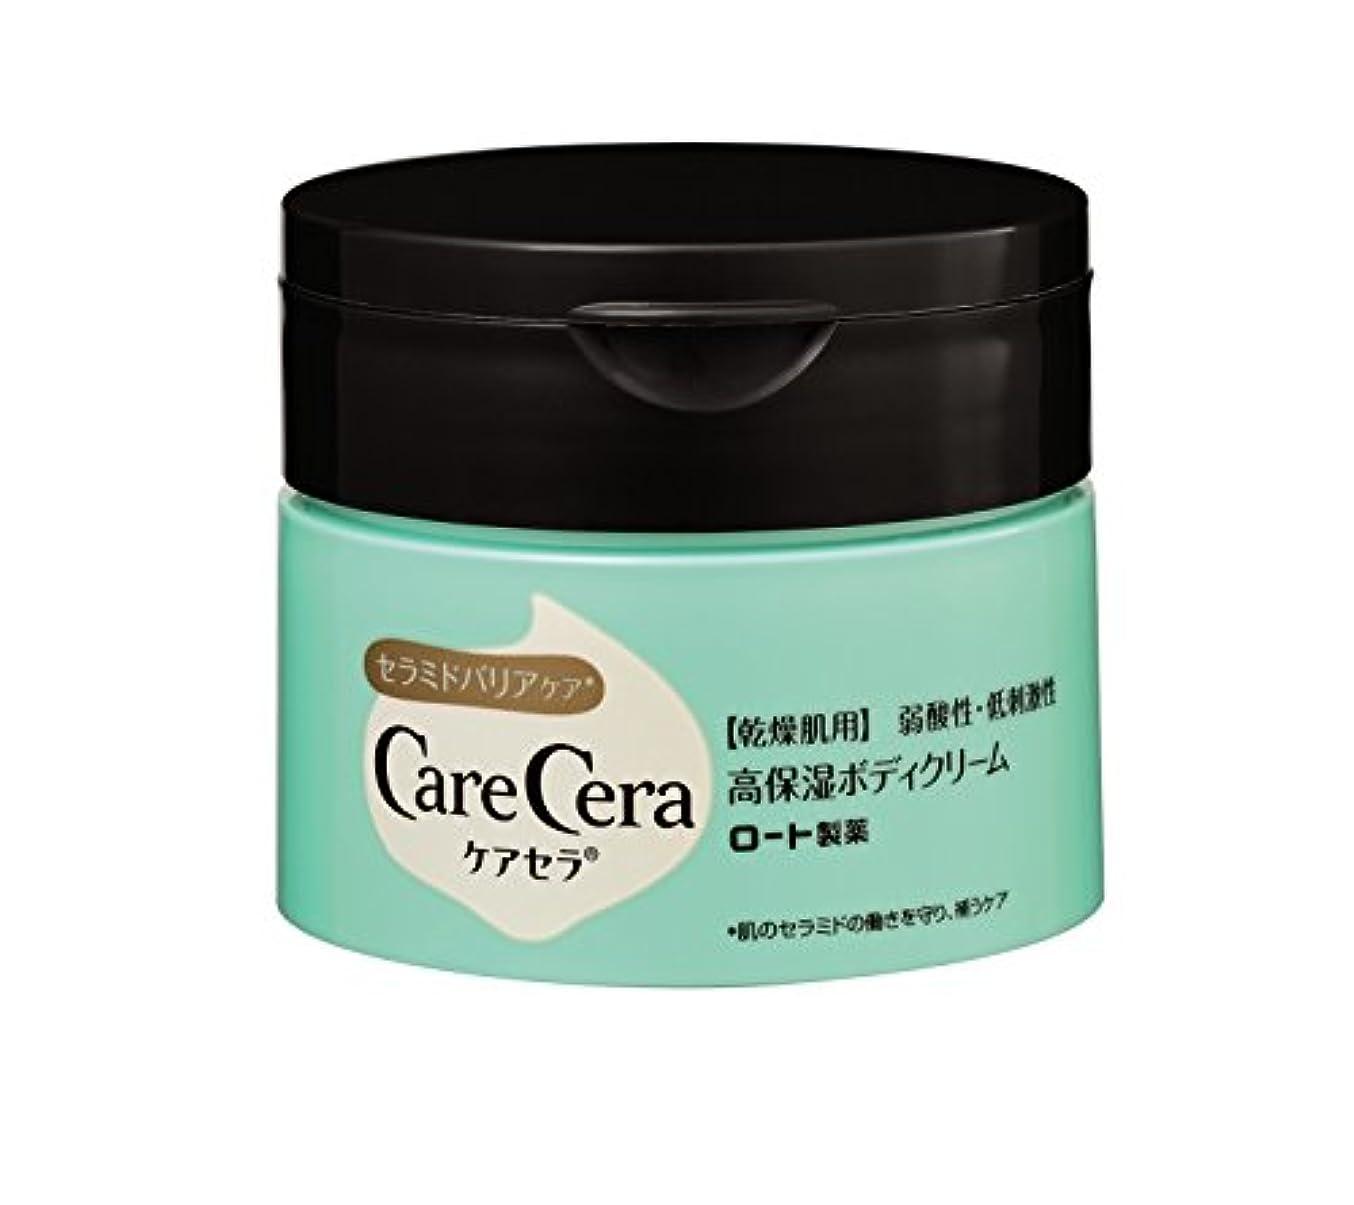 動作予想する同情的CareCera(ケアセラ) 高保湿 ボディクリーム 100g